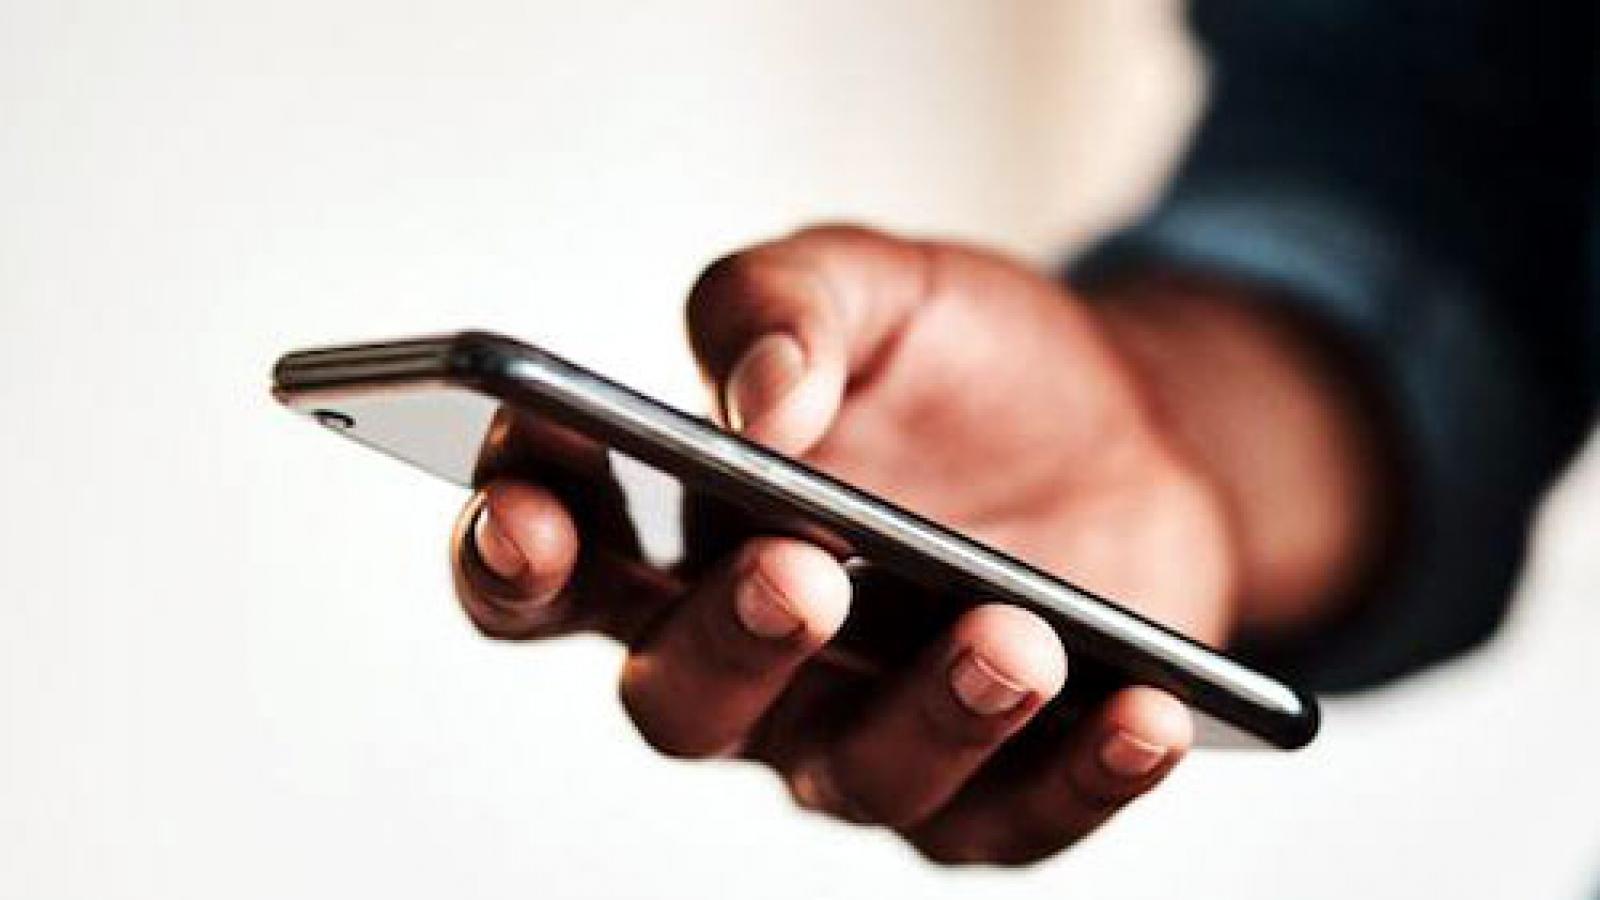 3 mẹo nhỏ để bảo vệ điện thoại thông minh